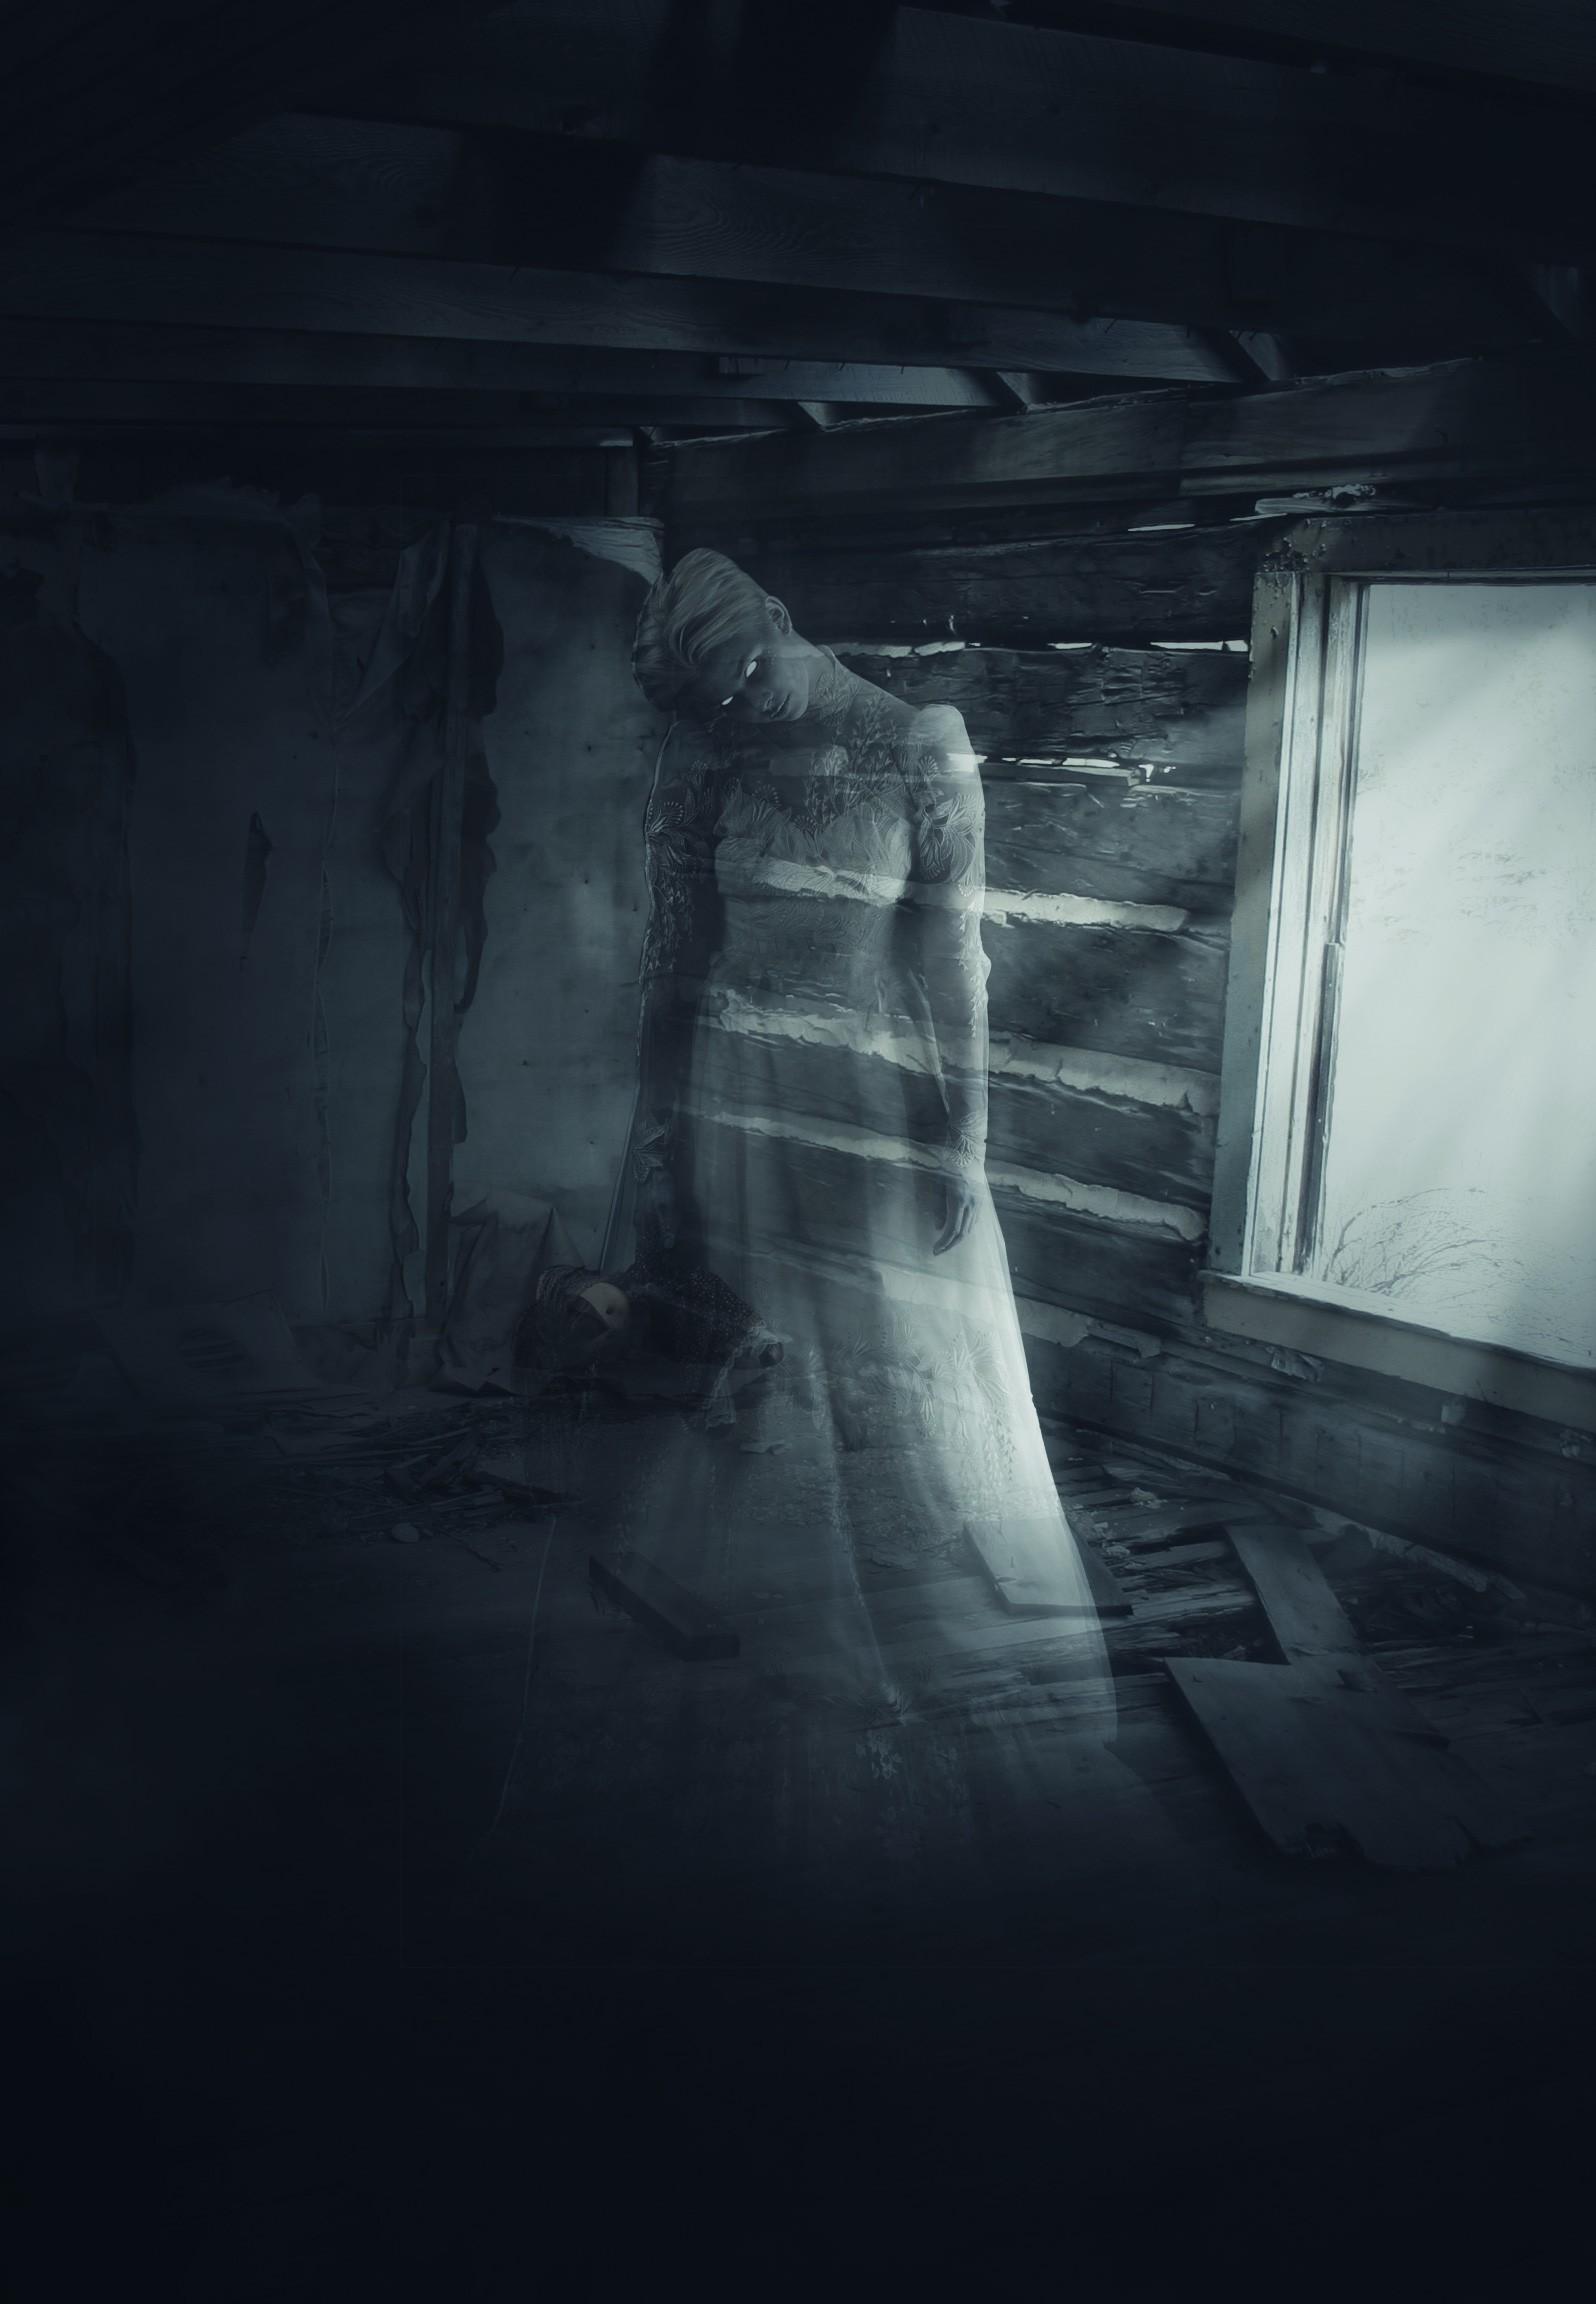 Tuto photomontage photoshop cr ation d 39 un fant me avec photoshop cc sur - Dessiner un fantome ...